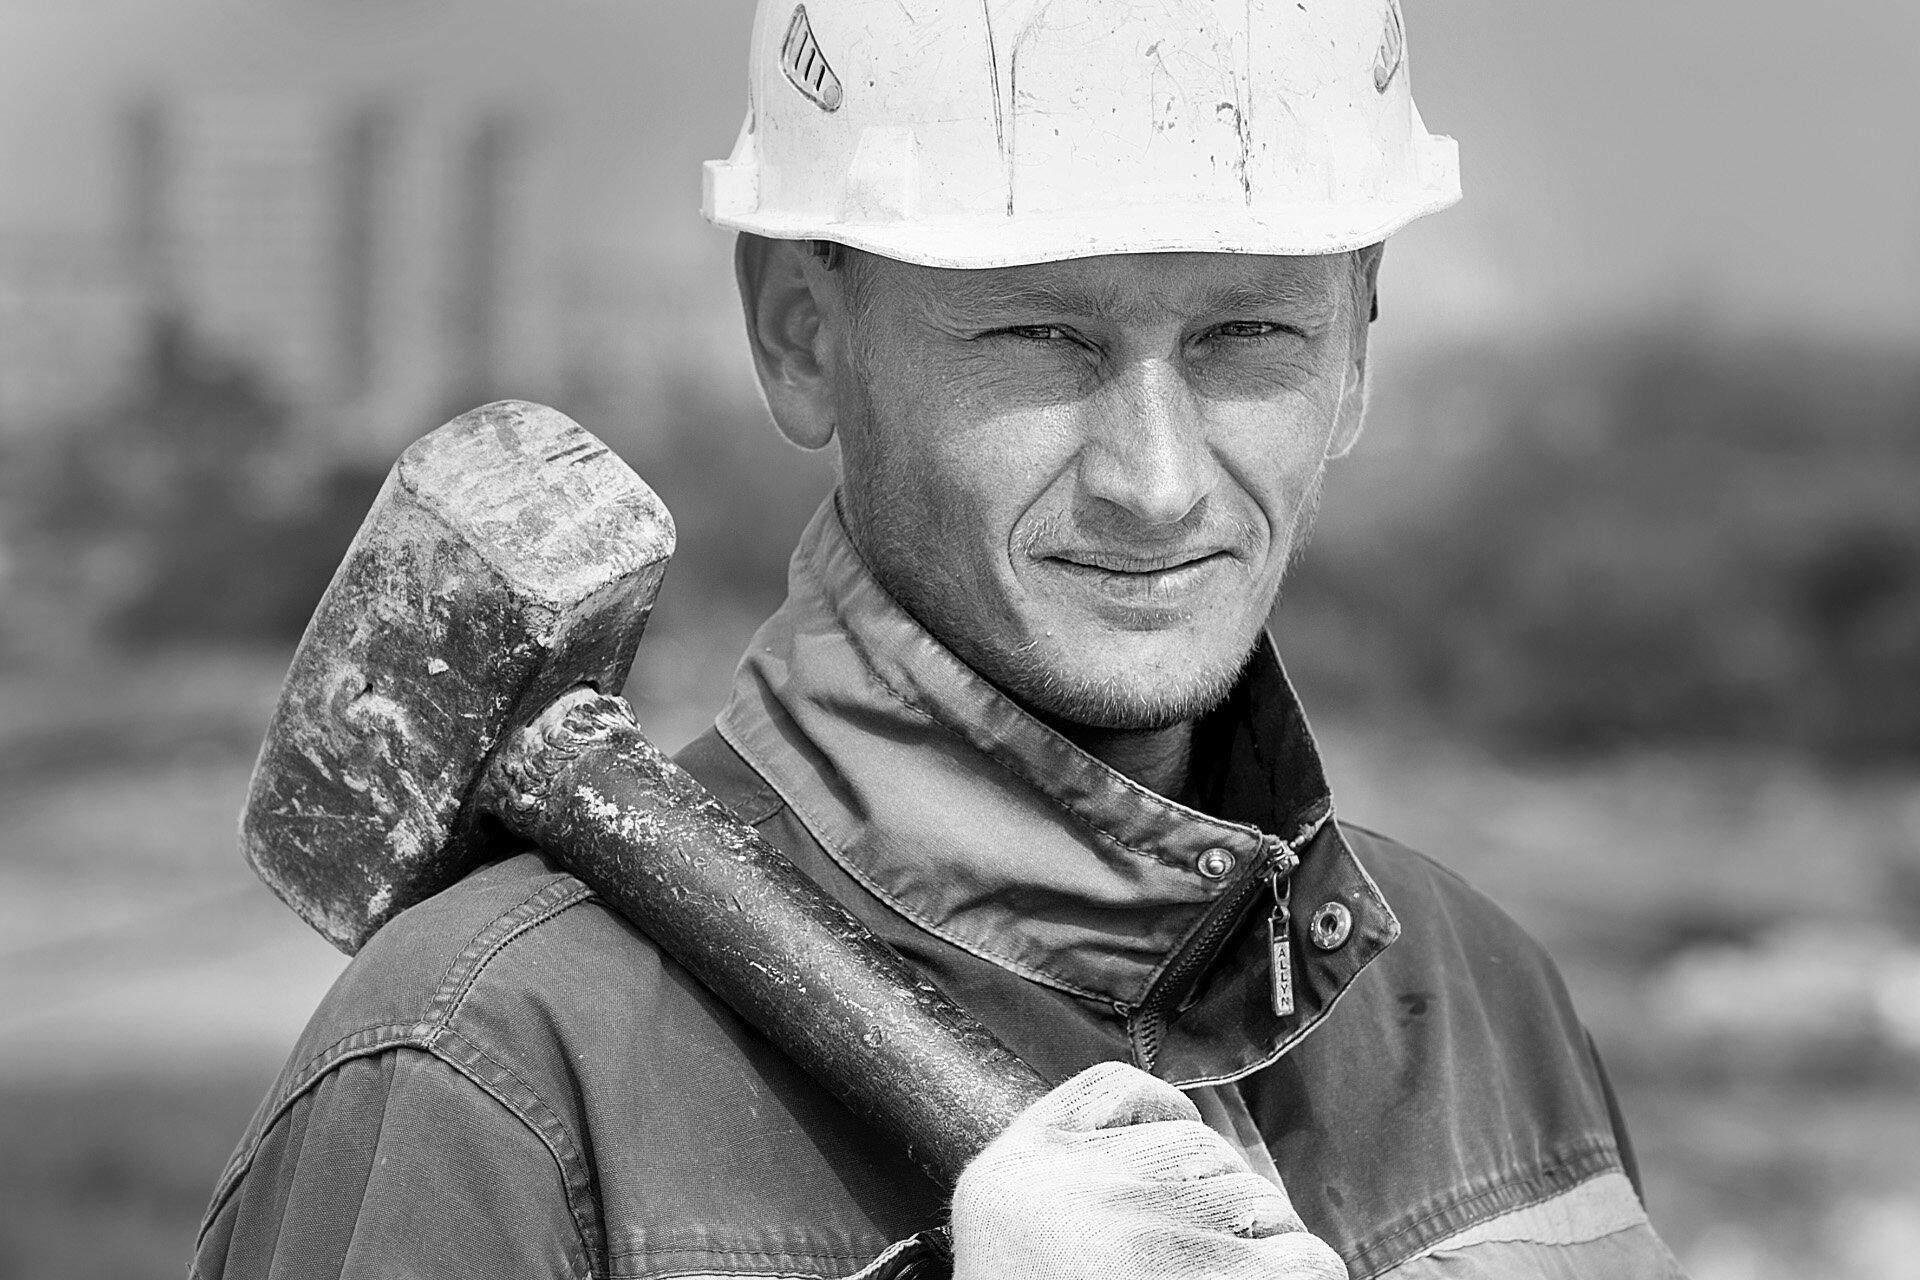 Антон, 29 лет, мастер строительно-монтажных работ